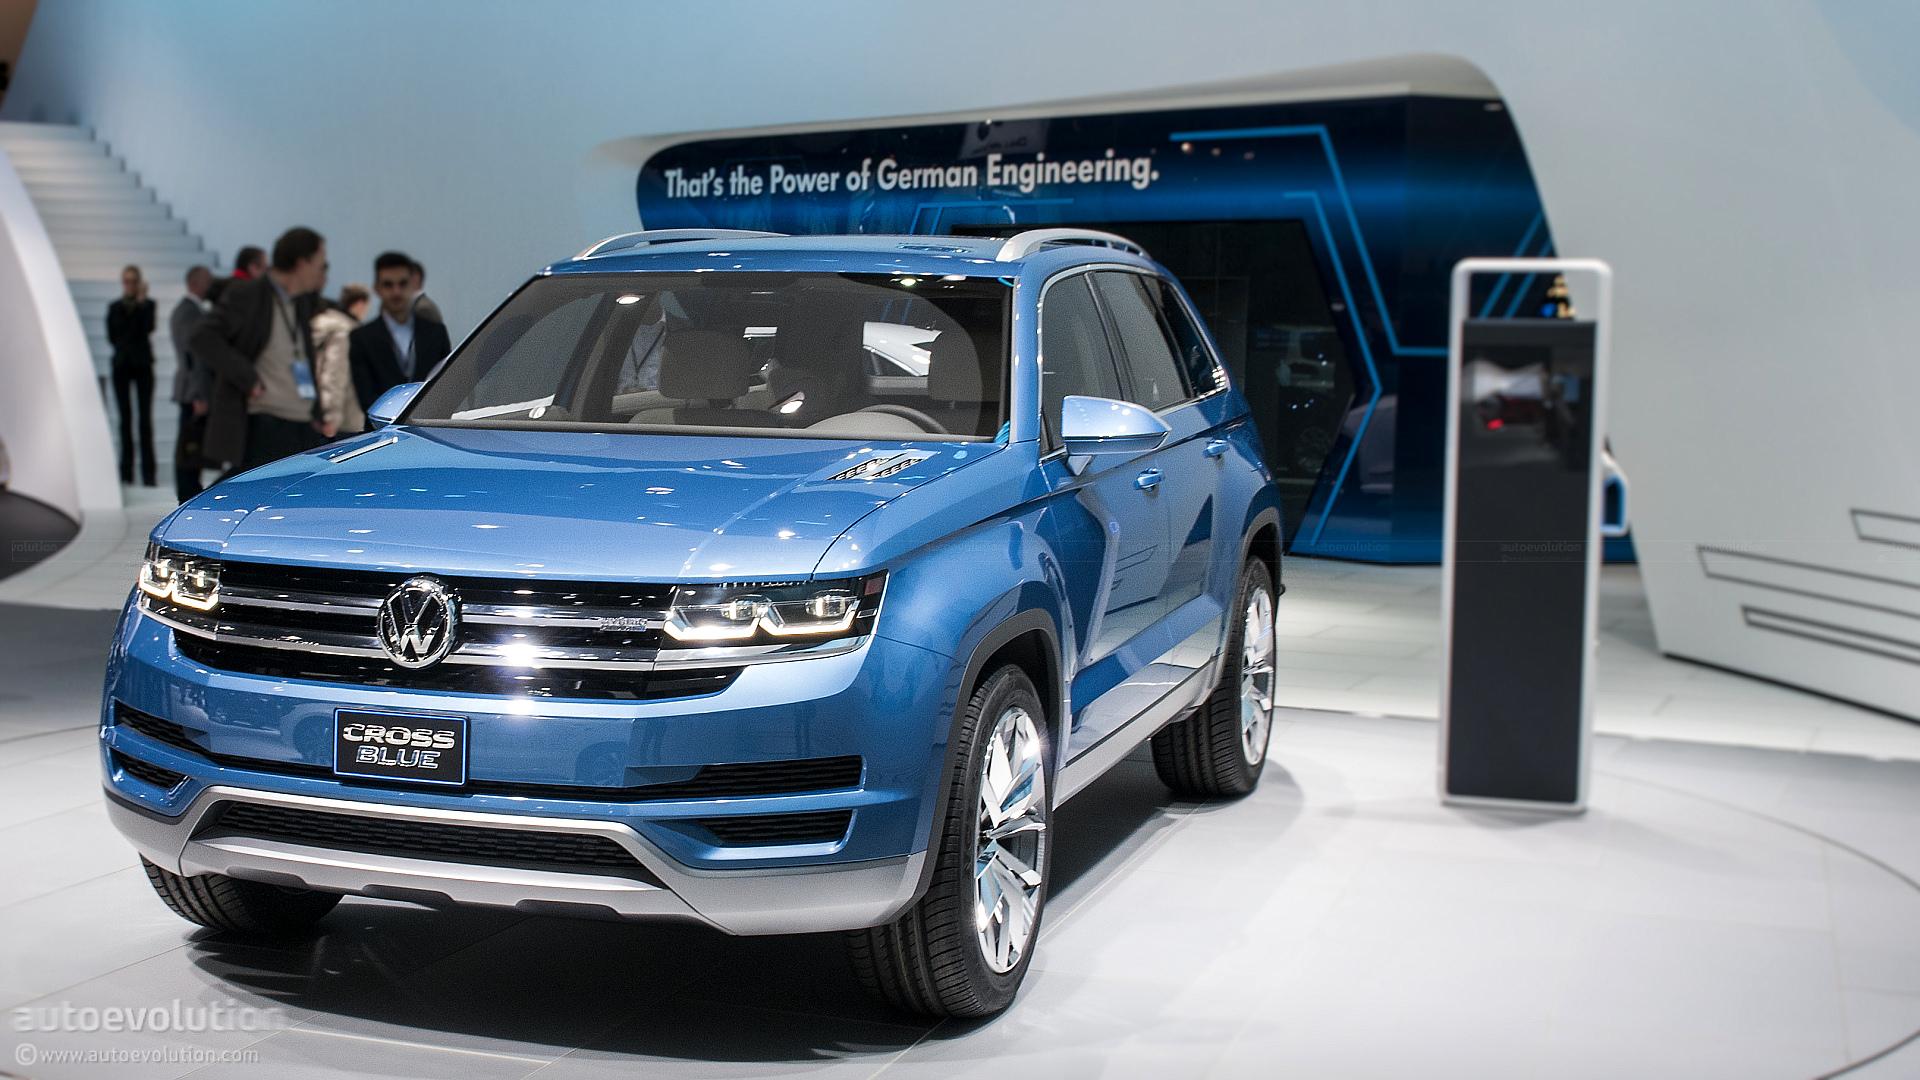 Volkswagen's New SUV Will Be Named Atlas, German Media Says - autoevolution